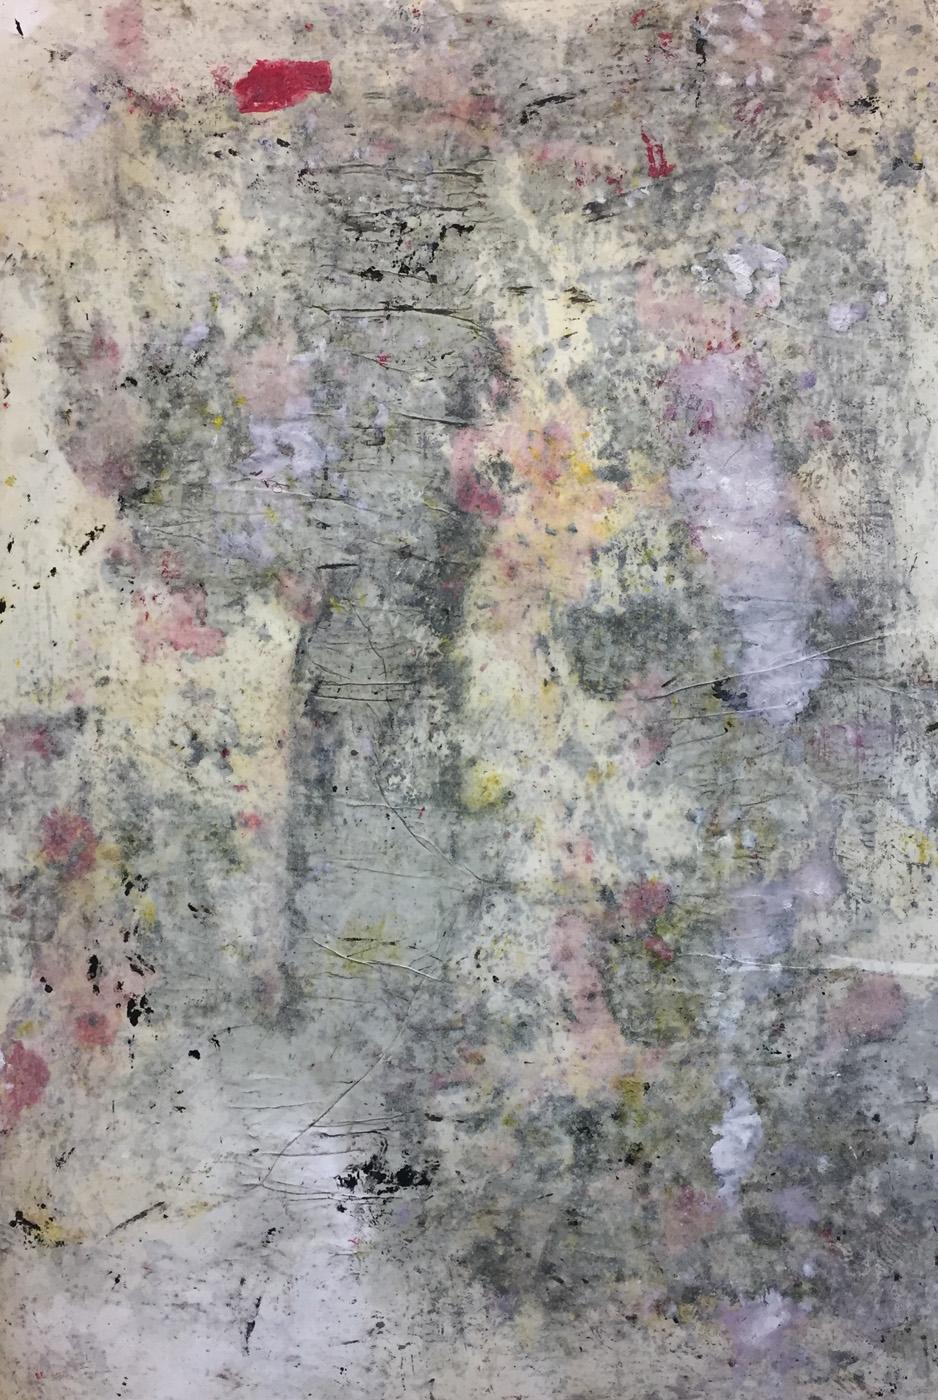 MARC FELD 2019 : 2020 EPISTROPHY 2 ( echo of Thelonius) Huile, pigment et gouache sur papier 89 X 130 cm